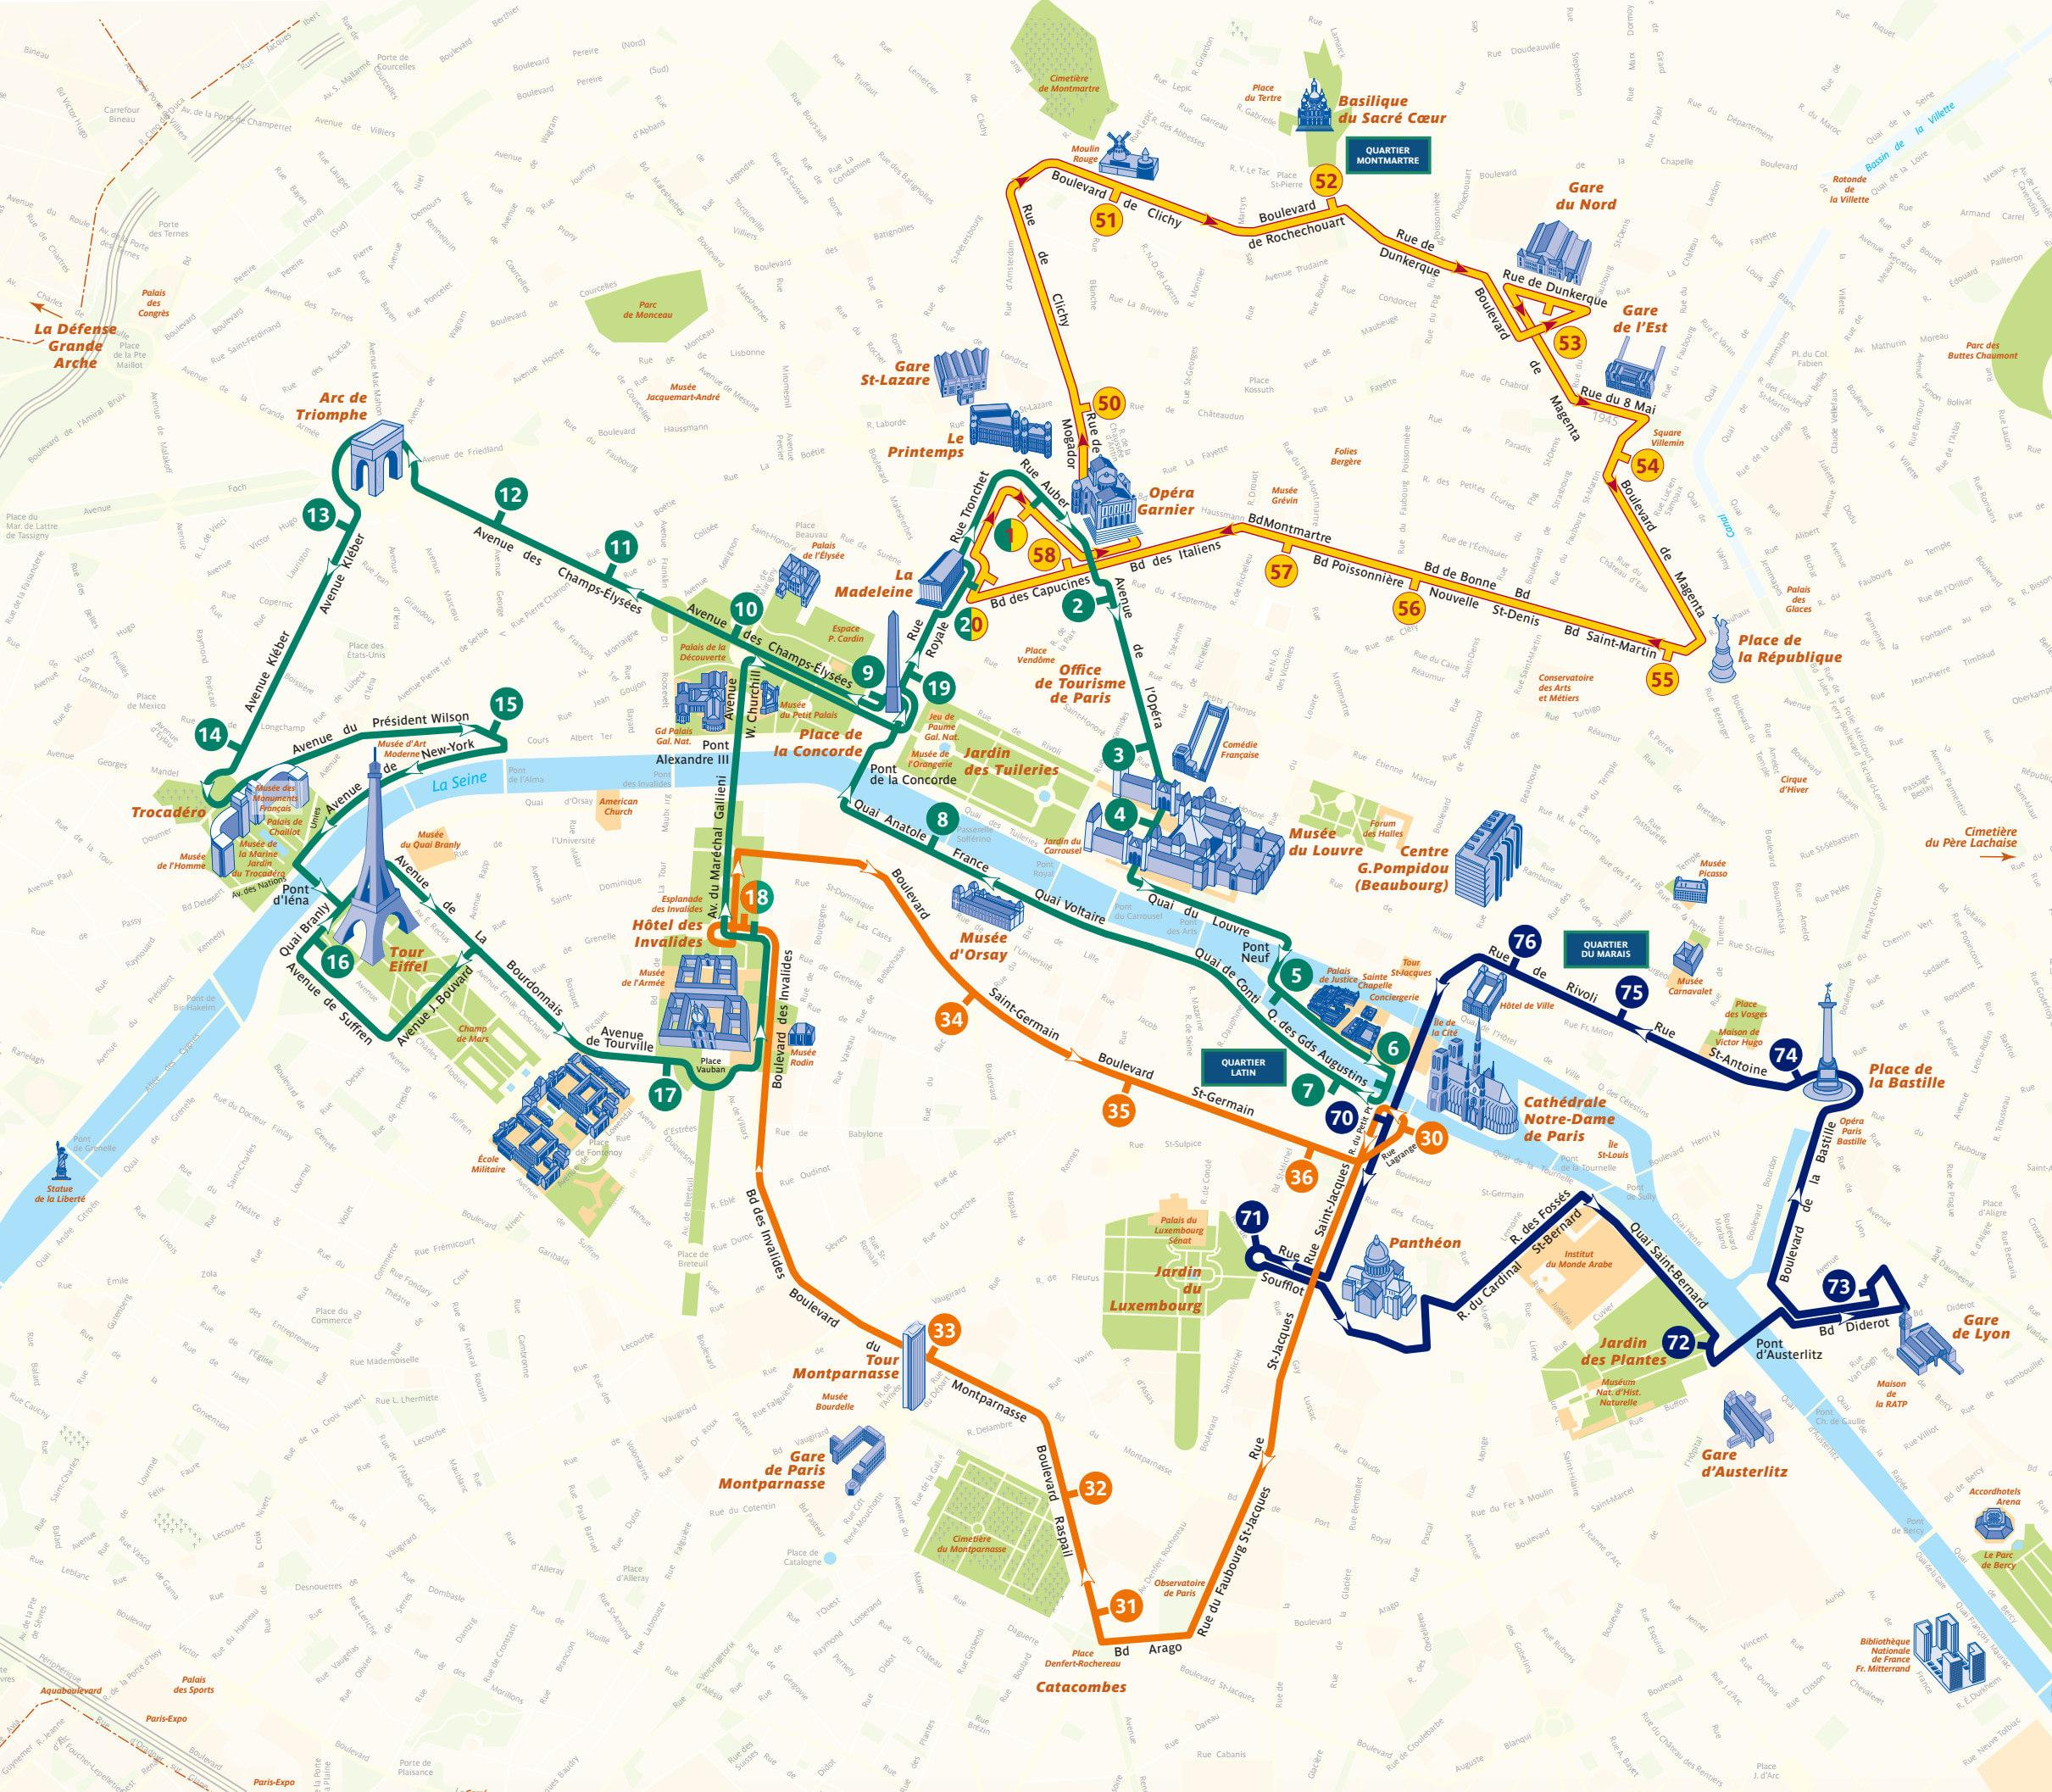 zwiedzanie Paryża autobusem - mapa